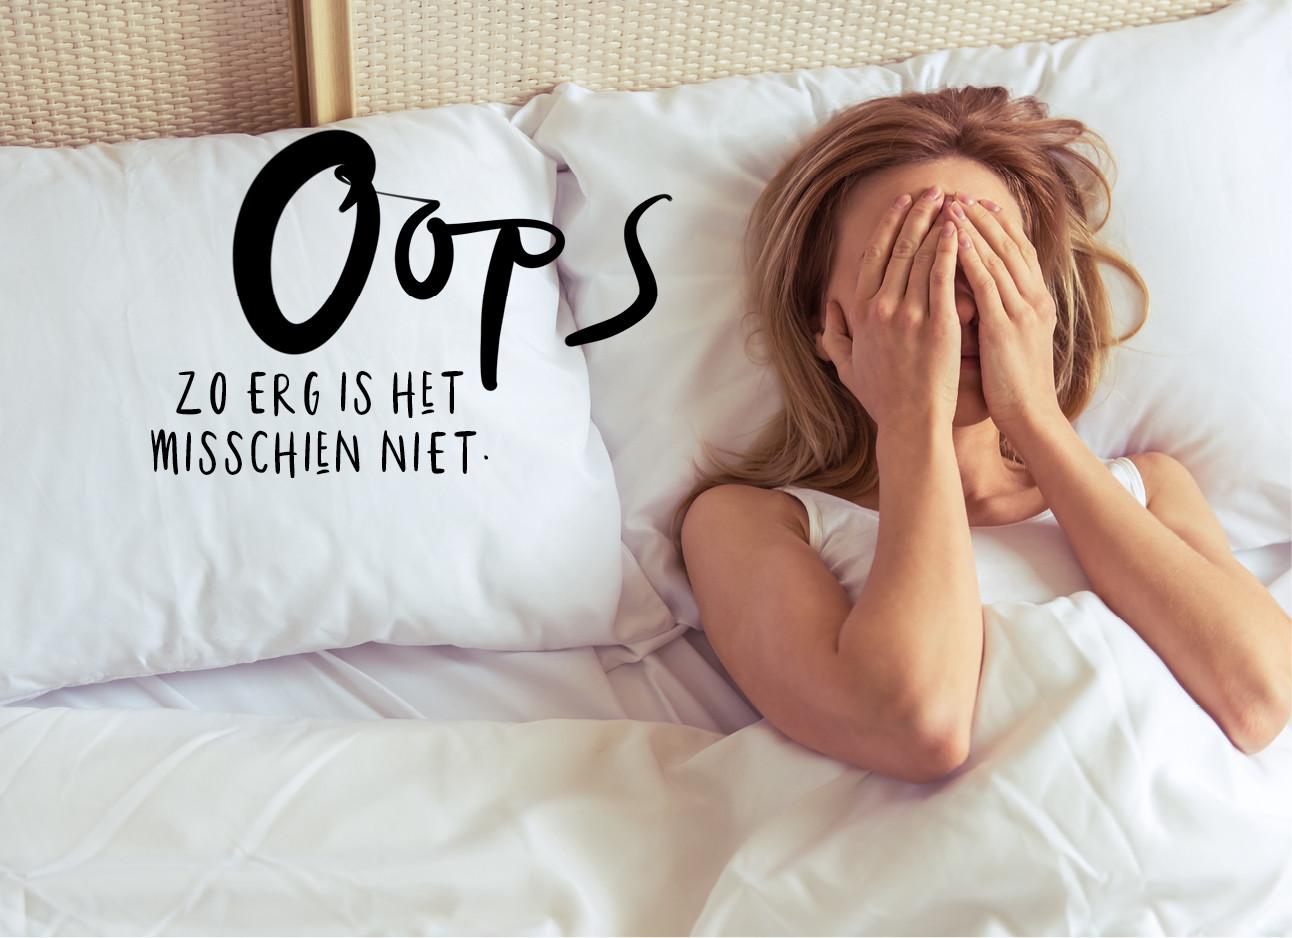 een meisje dat in bed ligt met haar hadne over haar gezicht